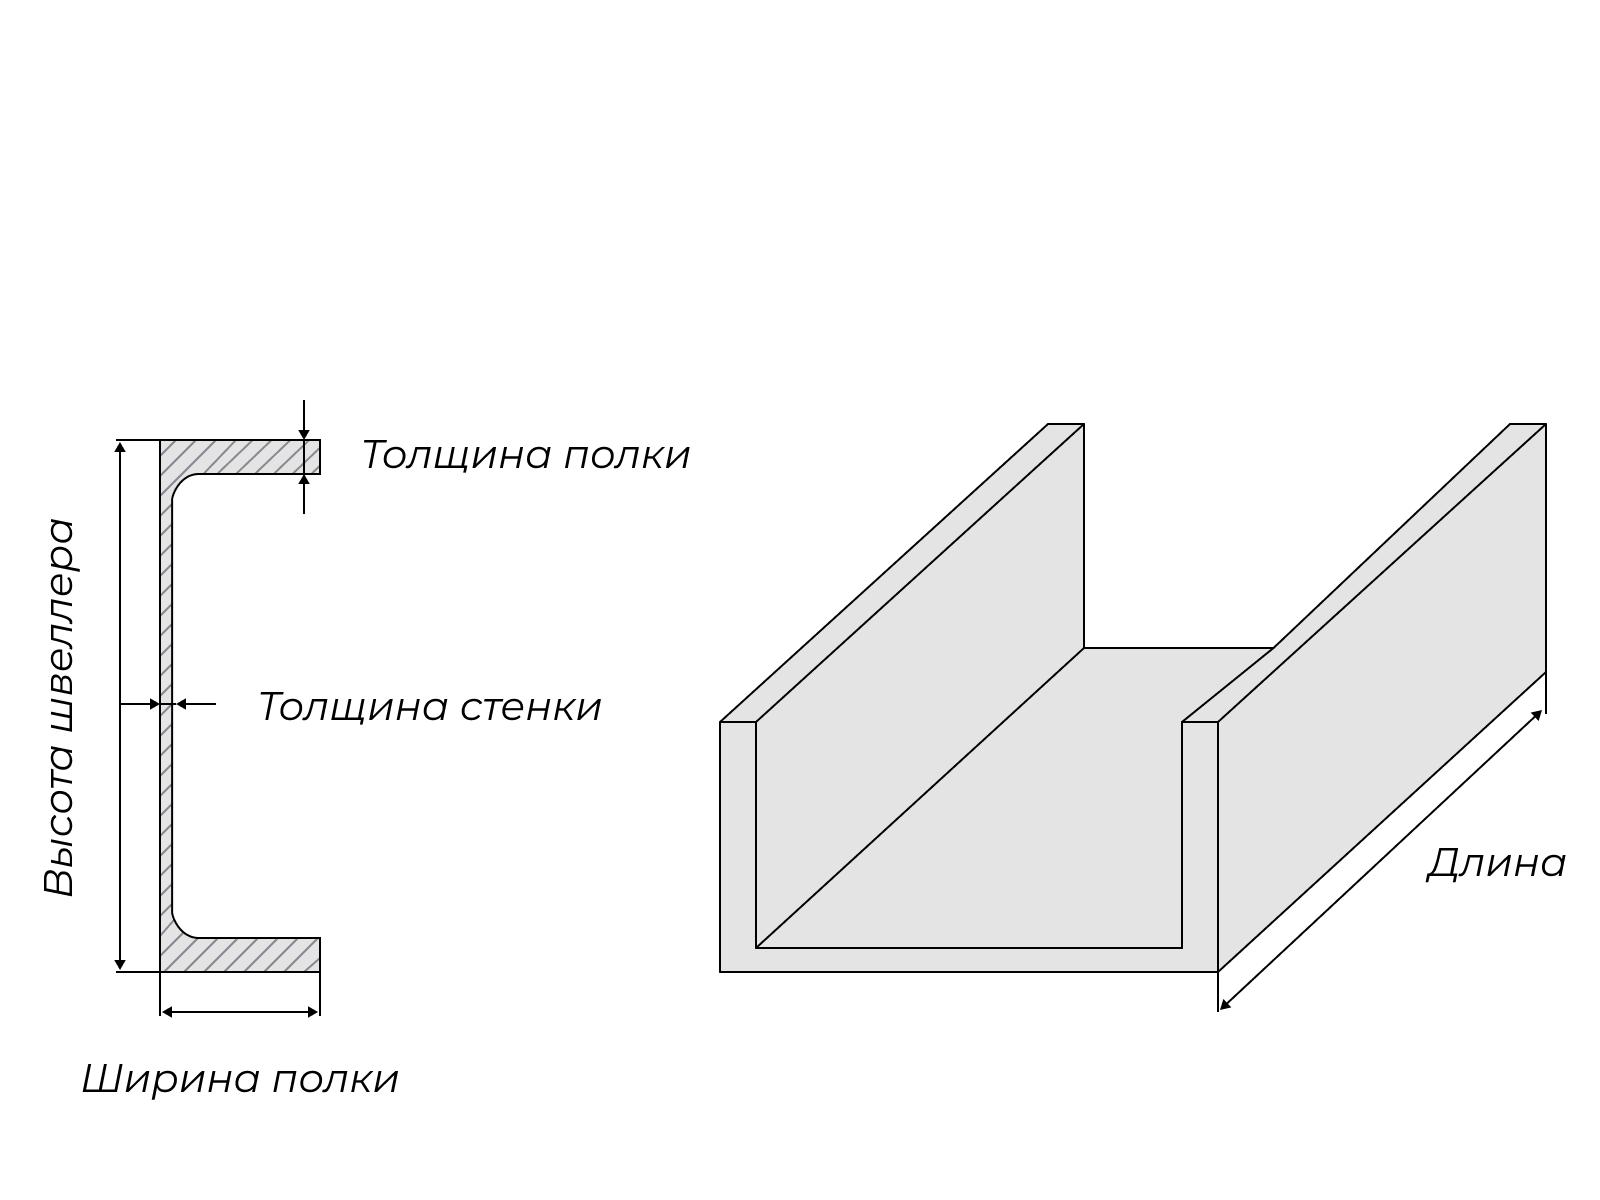 Швеллер 6.5У Ст3пс/сп 12000